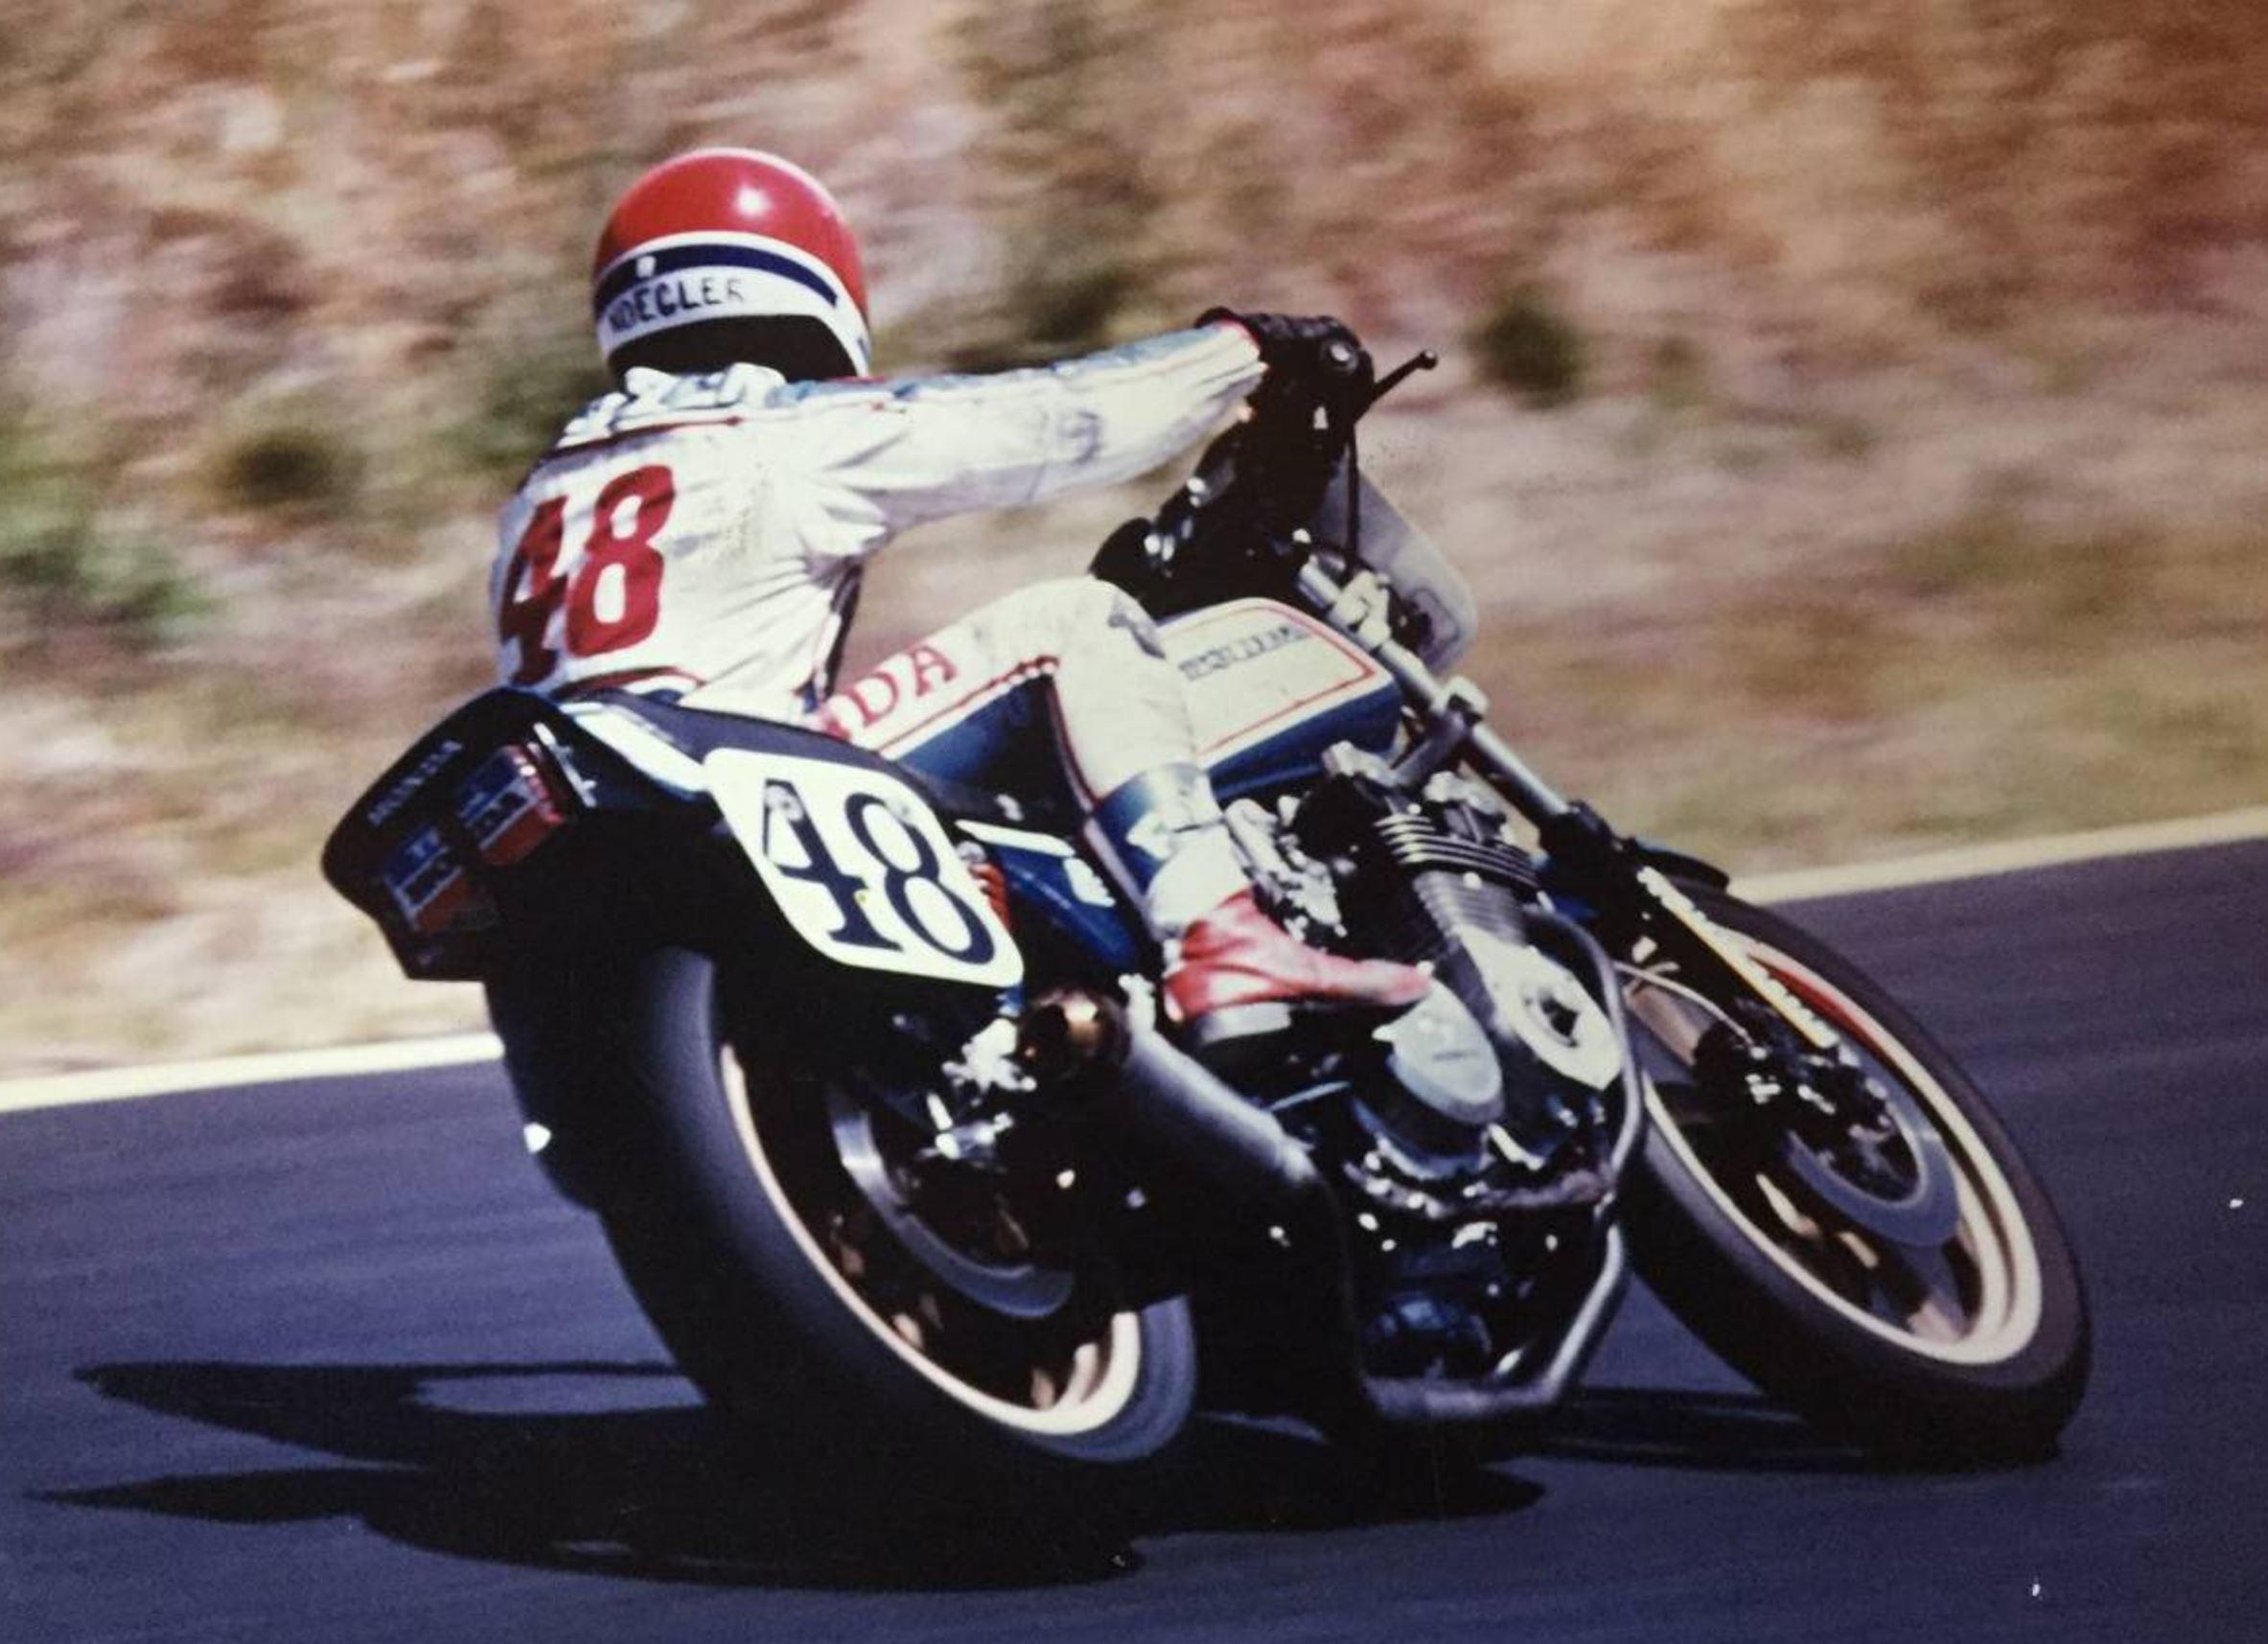 Ex-AMA Superbike – 1980 Honda CB750 – Bike-urious